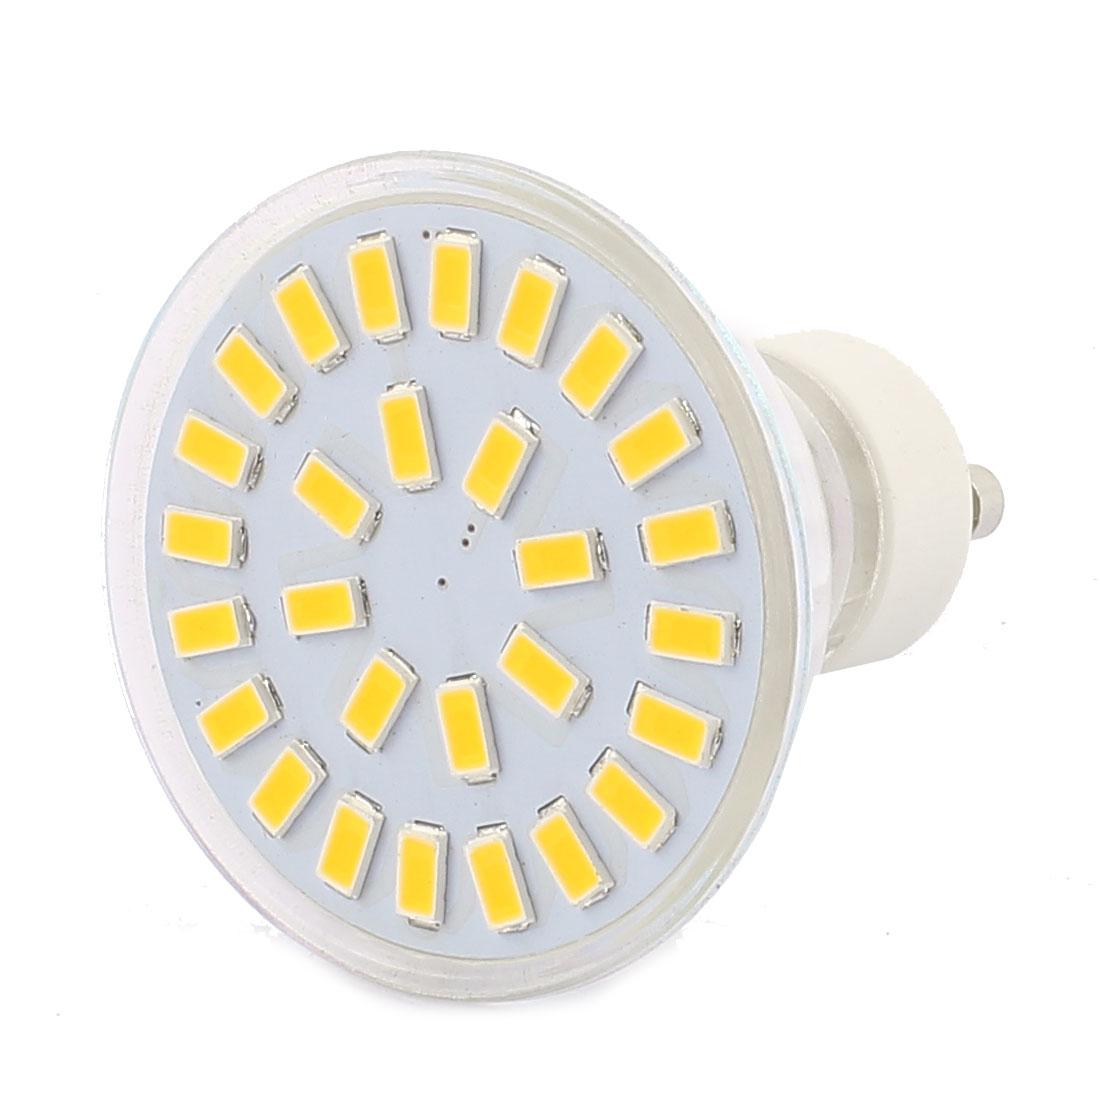 220V-240V GU10 LED Light 4W 5730 SMD 28 LEDs Spotlight Down Lamp Bulb Warm White